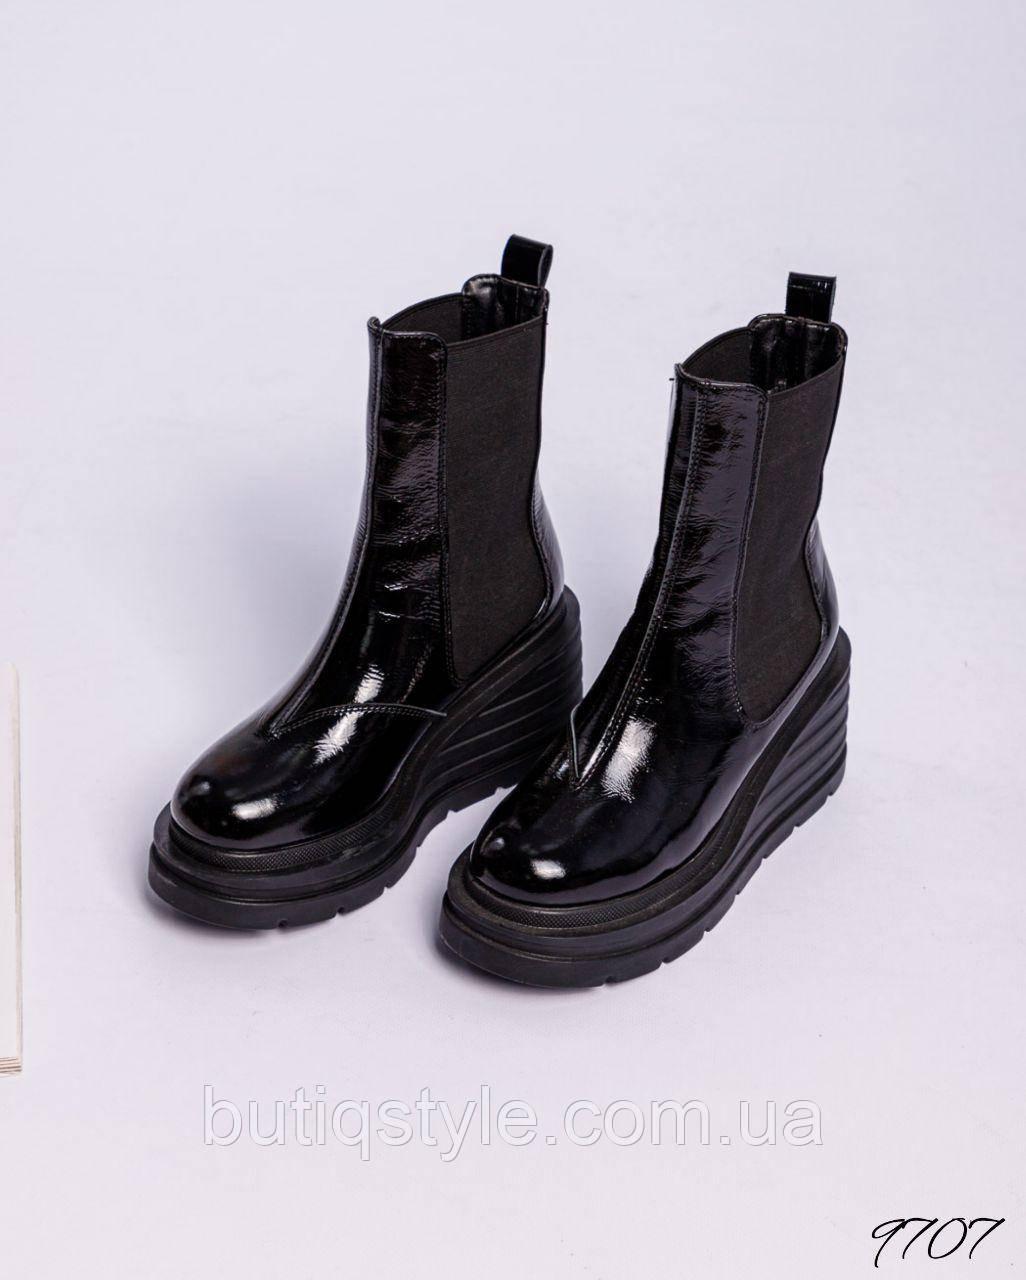 Жіночі чорні черевики натуральна лакова шкіра на танкетці Демі